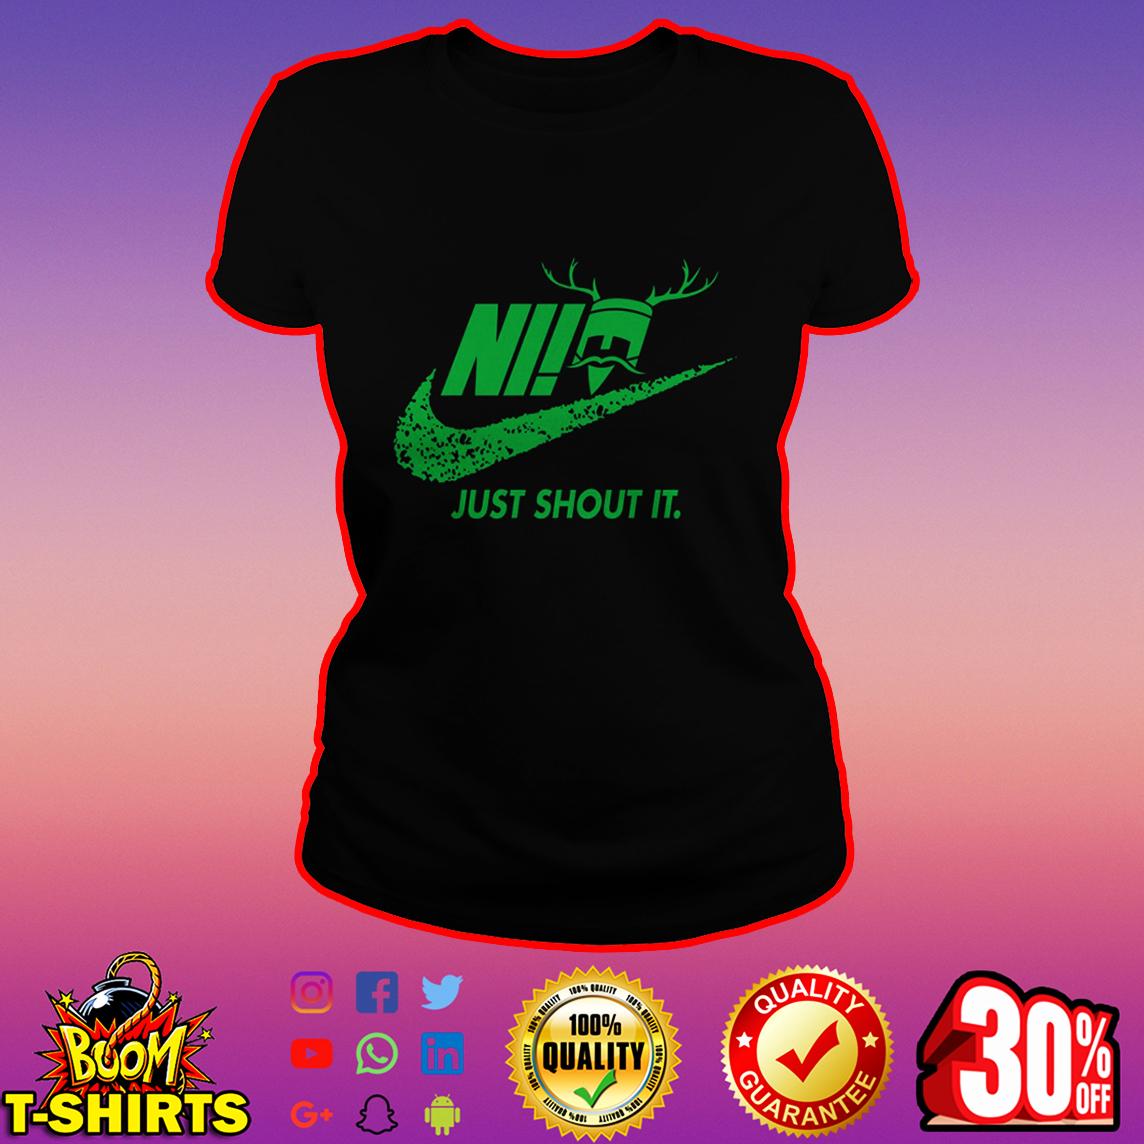 Just Shout It Nike lady shirt